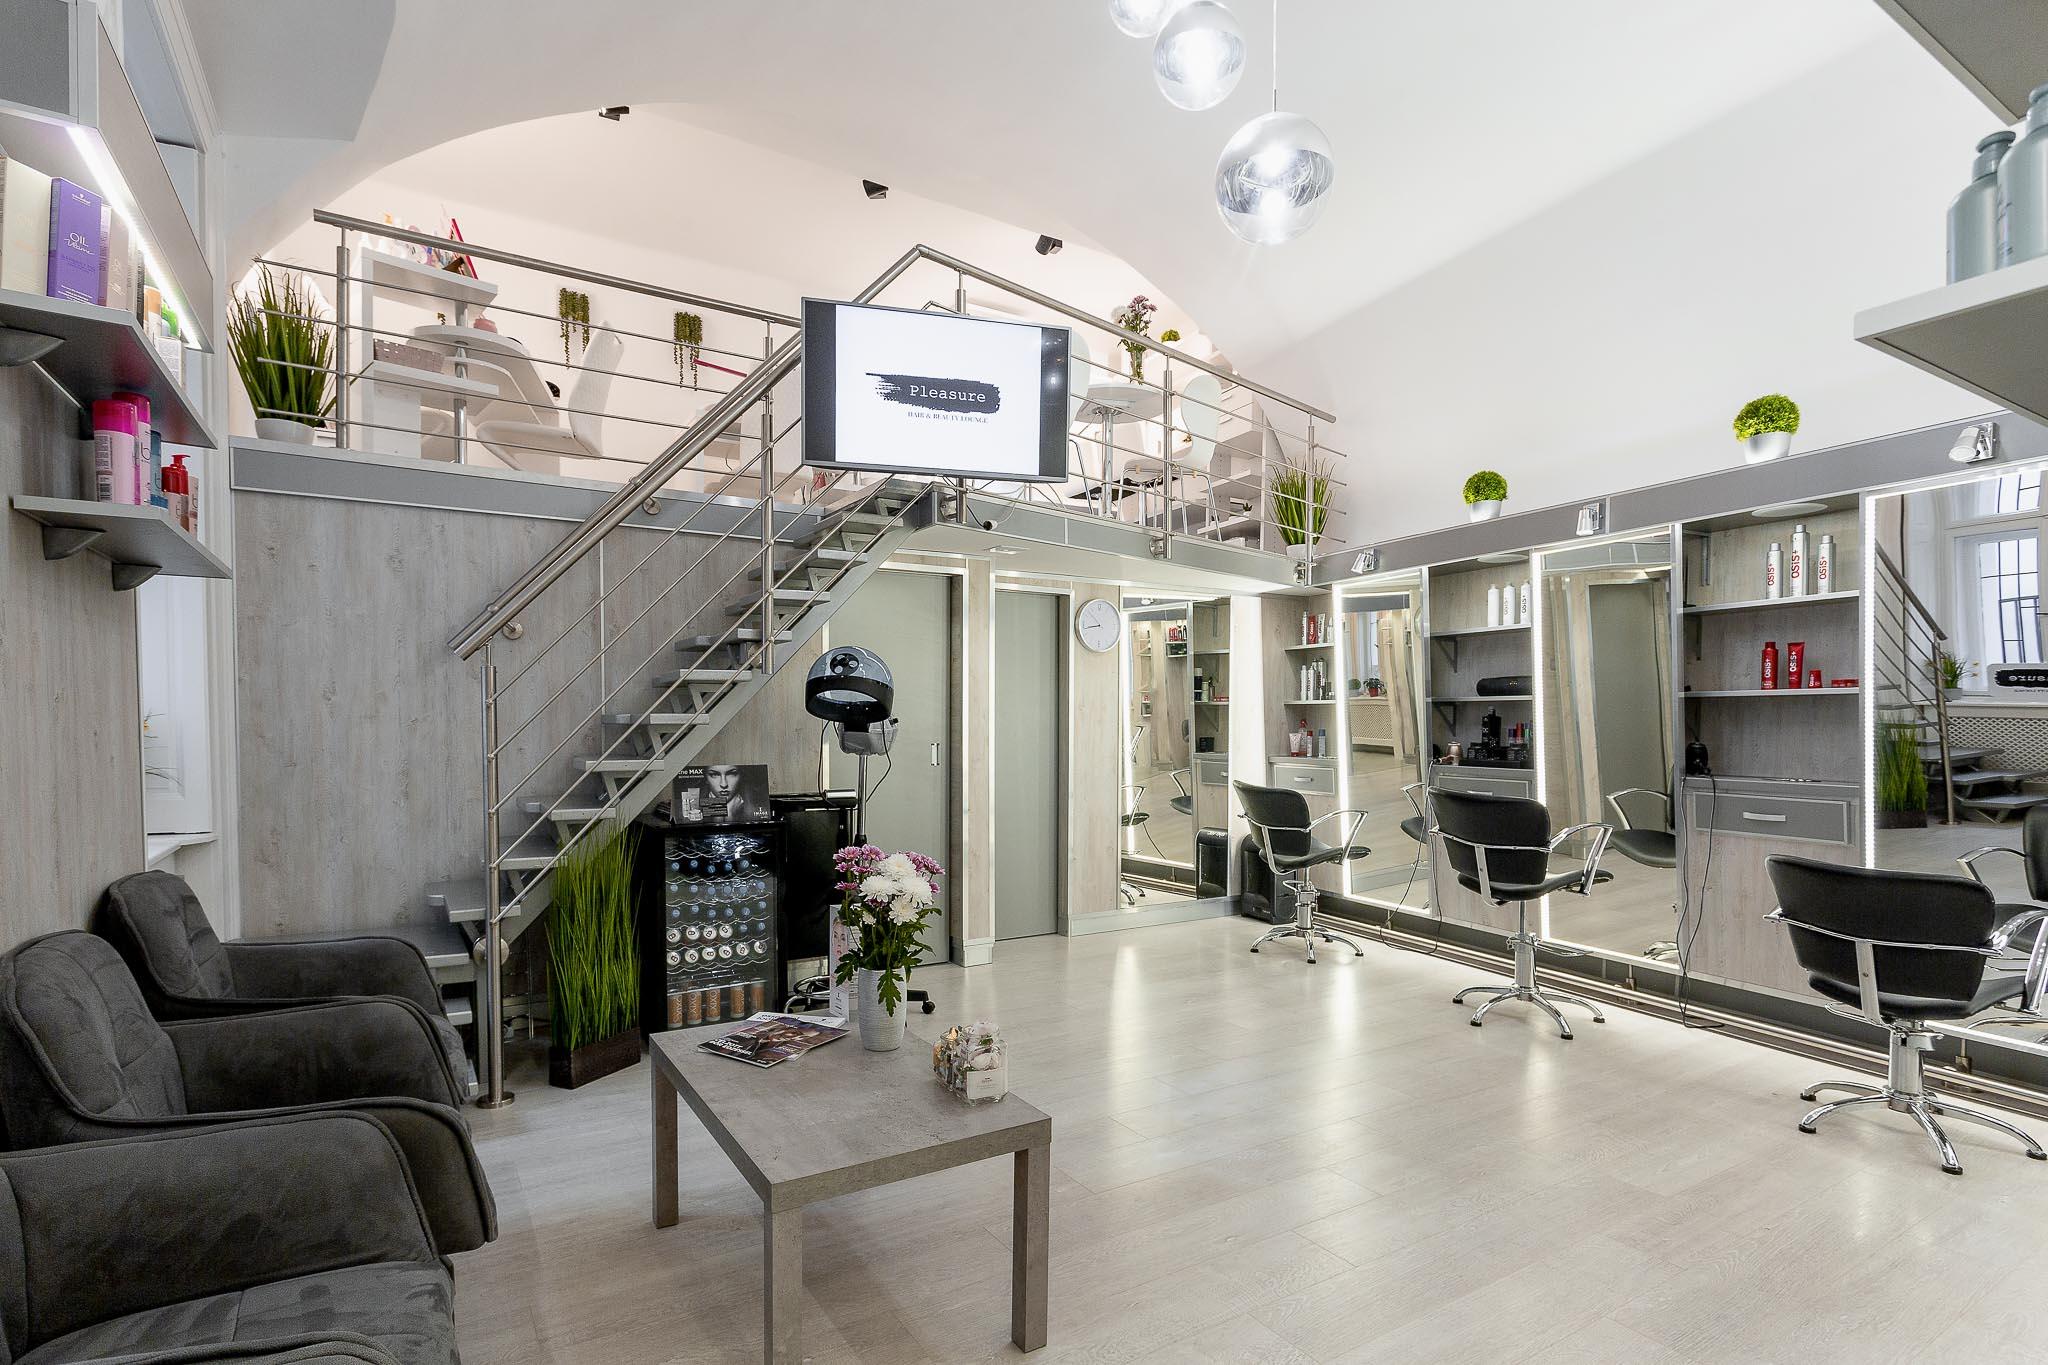 Pleasure Hair & Beauty Lounge - Kozmetika, Smink, Fodrászat, Lábápolás, Kézápolás